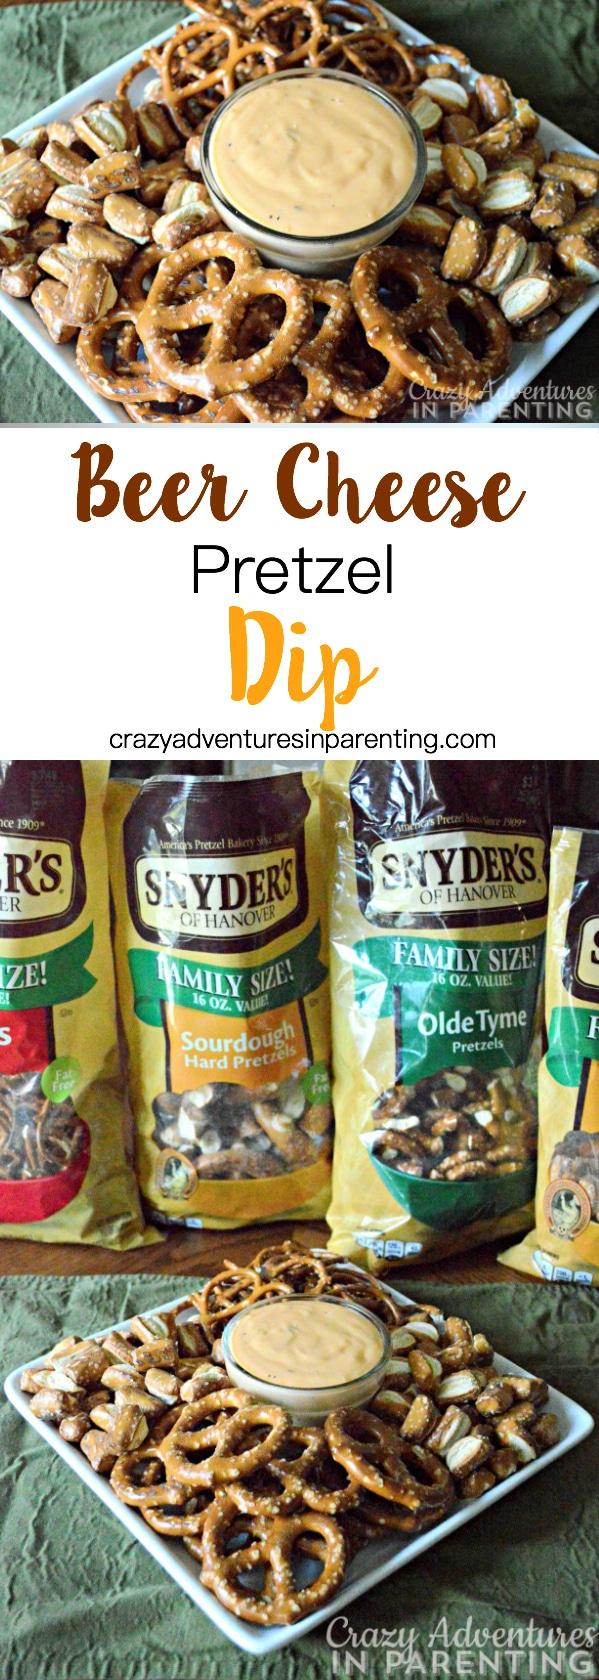 Beer Cheese Pretzel Dip